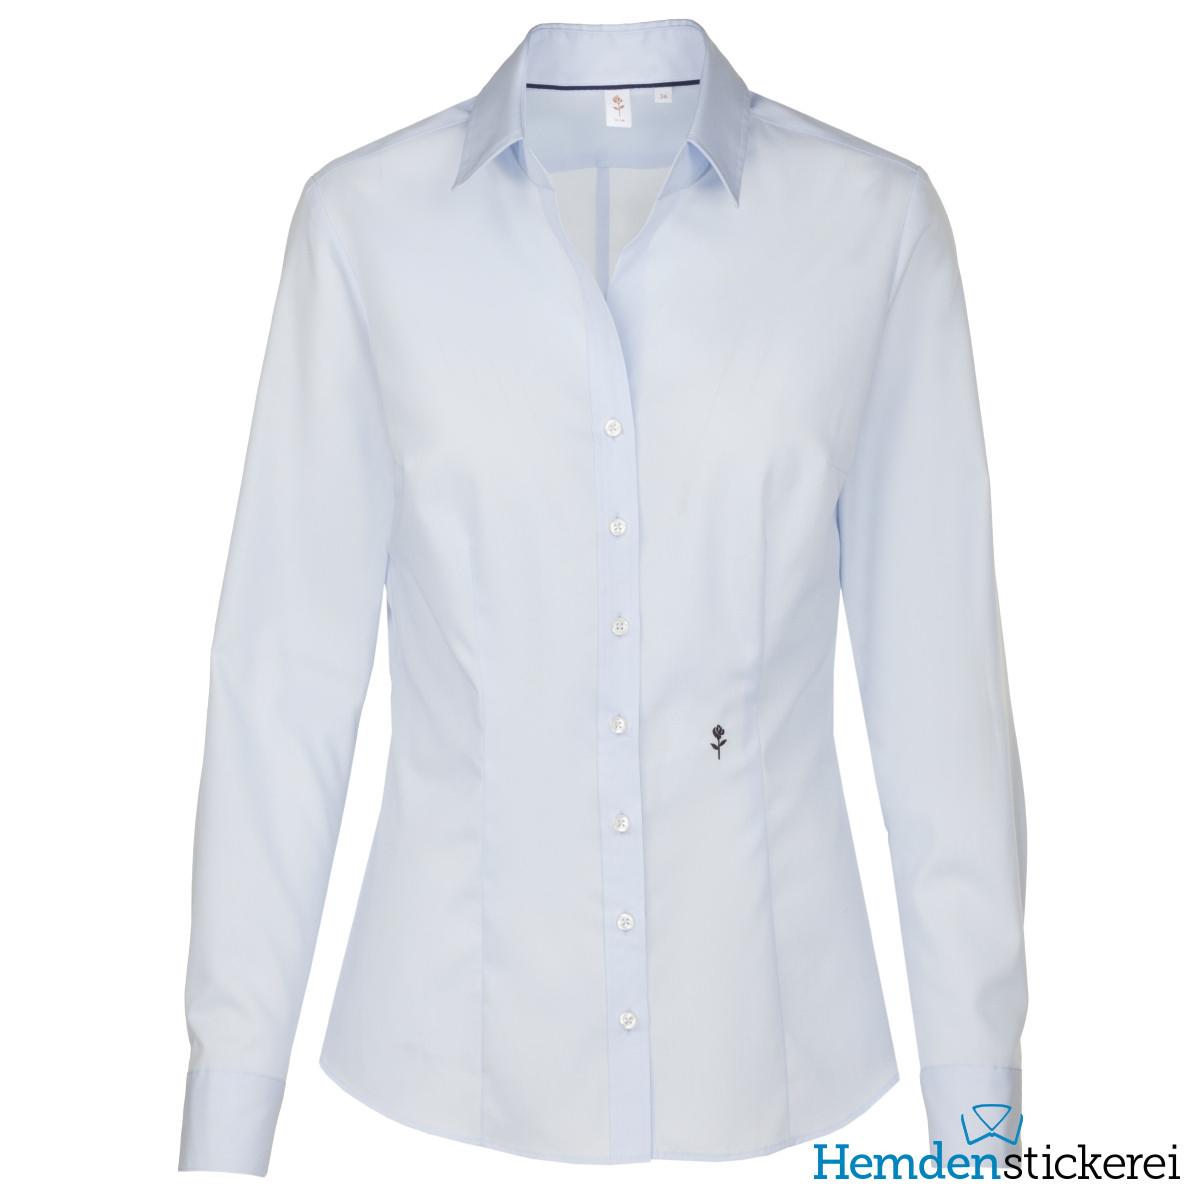 ... Seidensticker Damen Bluse SLIM 1 1 Arm Kent-Kragen bügelfrei Hellblau  Seite zurück. inkl. Stick. lightbox bd31624a8b